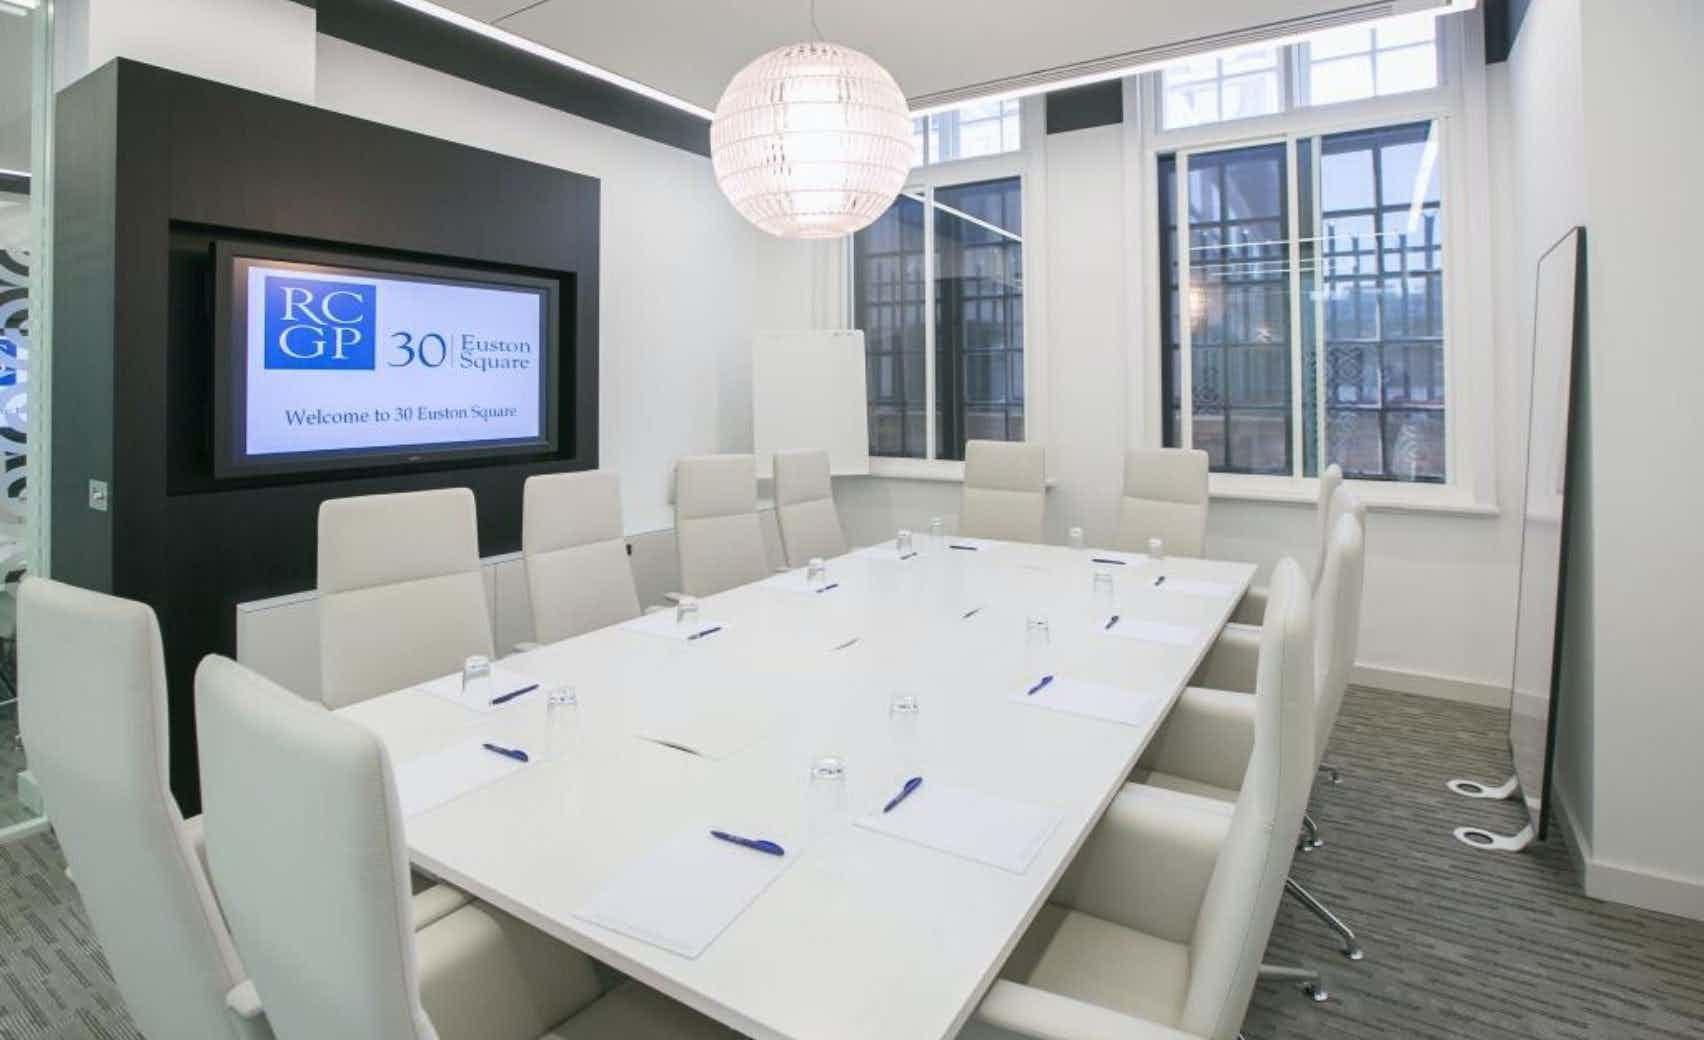 Ground Floor Meeting Room 10, 30 Euston Square